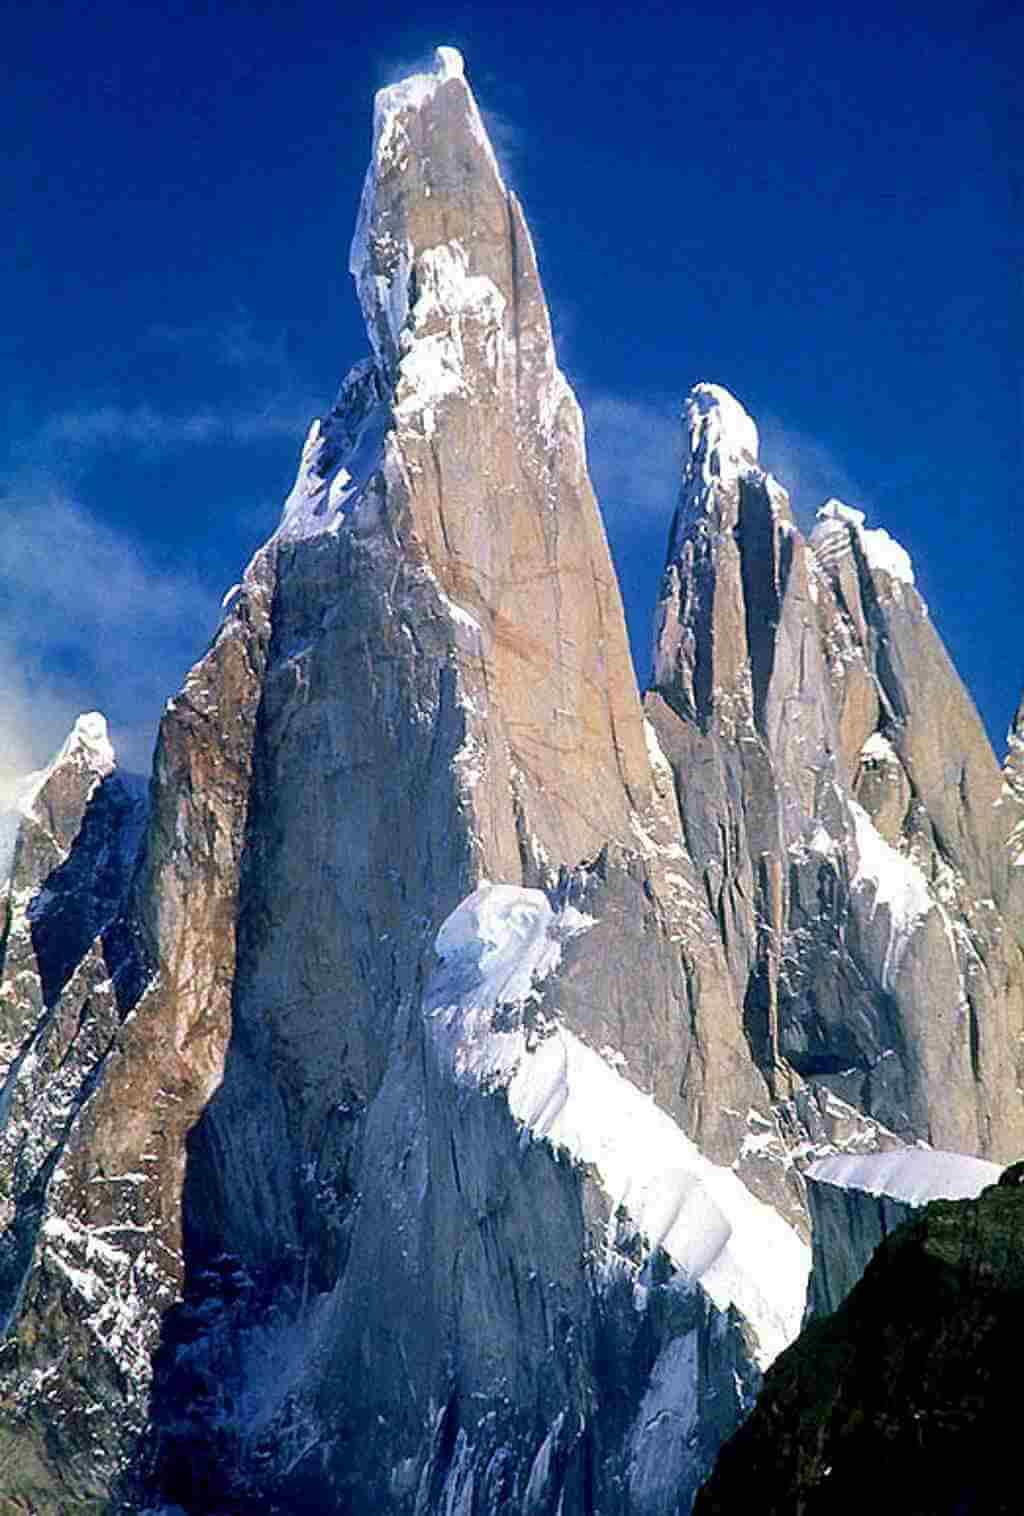 Cerro Torre, South America - by Davide Brighenti/wikipedia.org